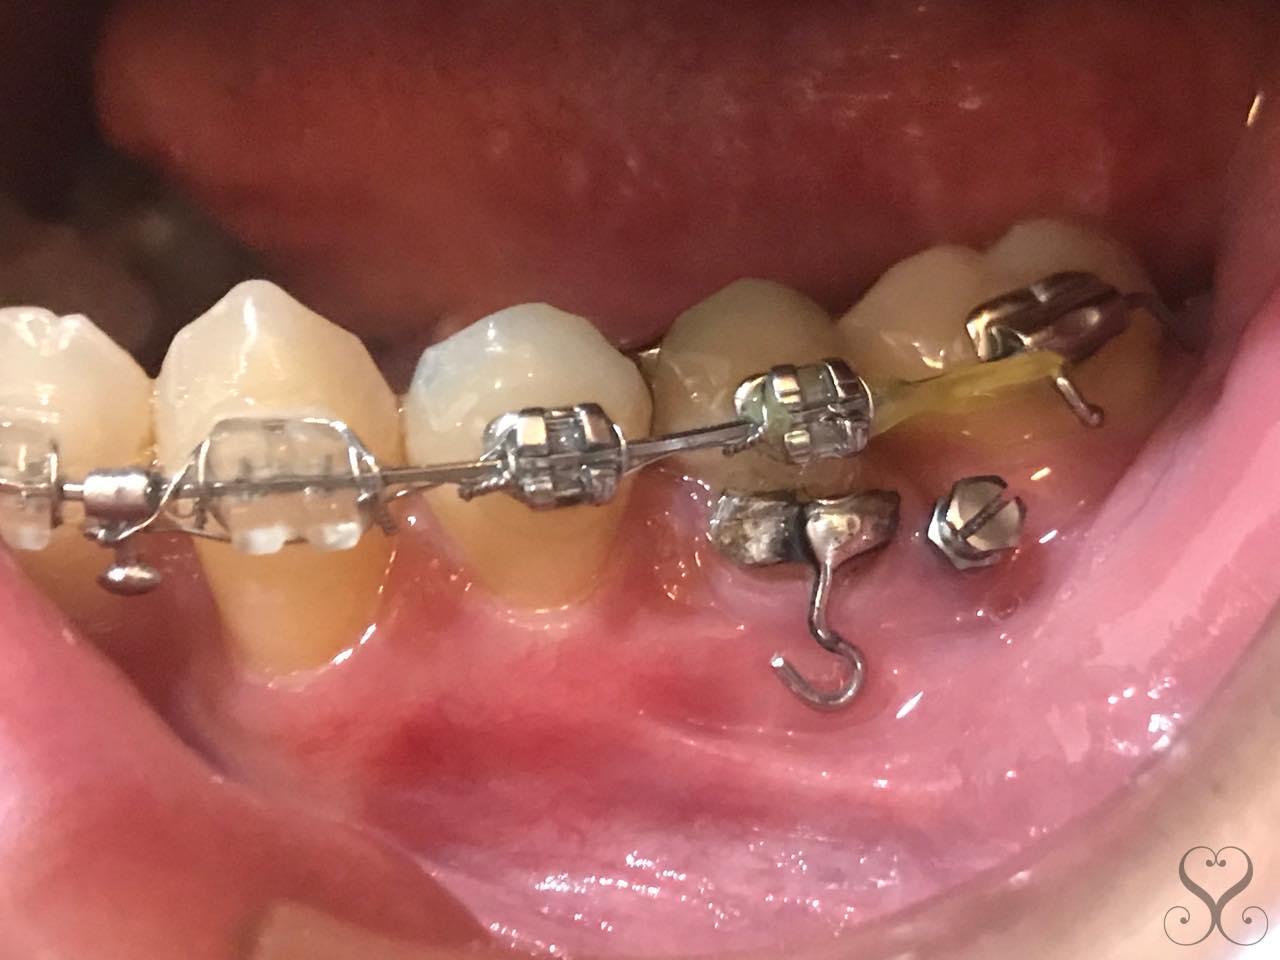 歯列矯正の期間がより短くなるインプラント矯正とは